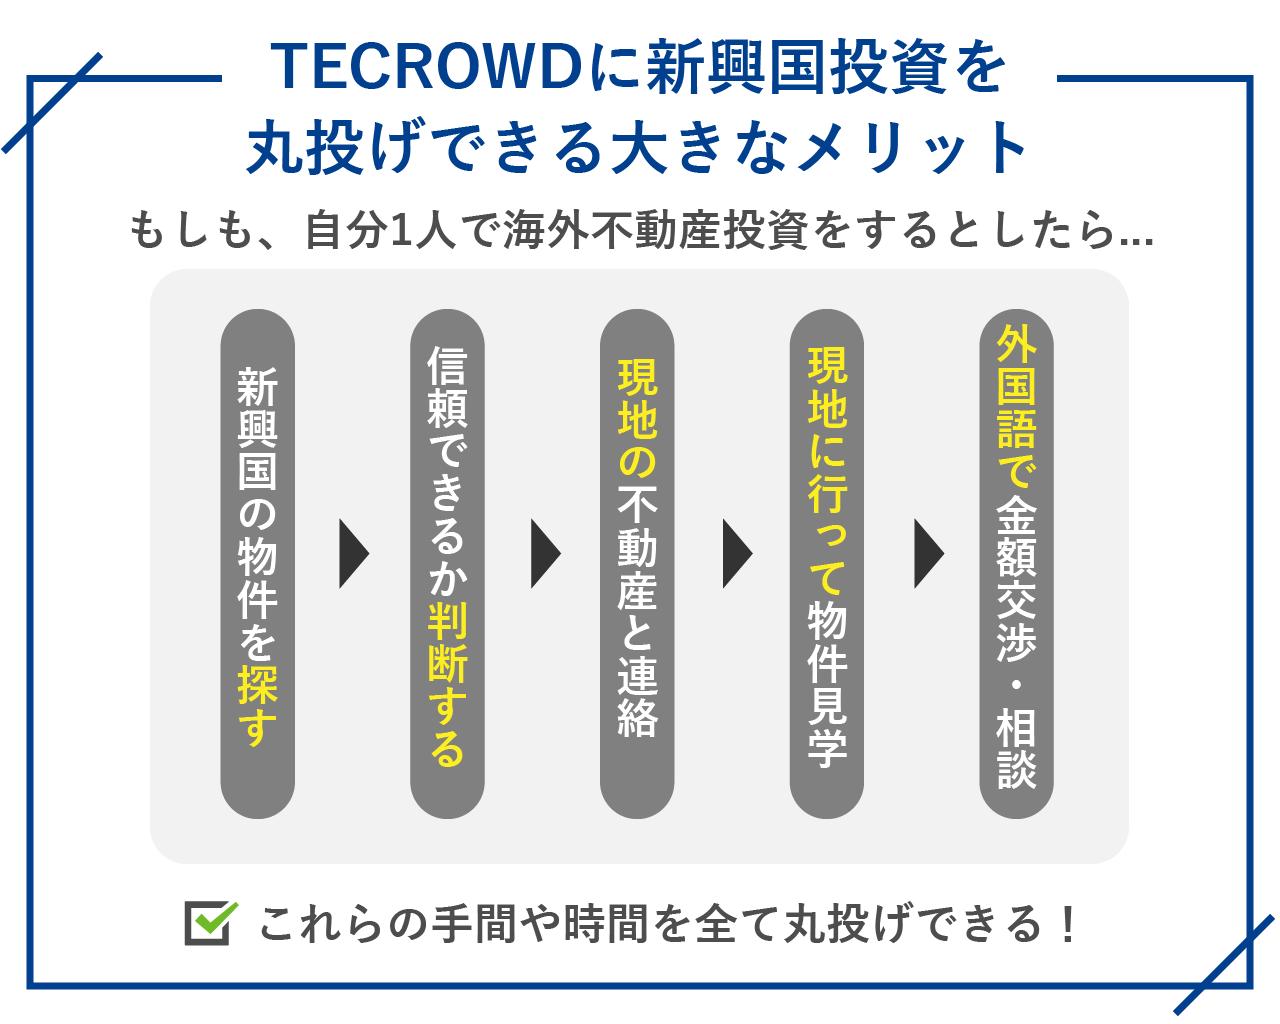 TECROWDに新興国投資を丸投げできる大きなメリット